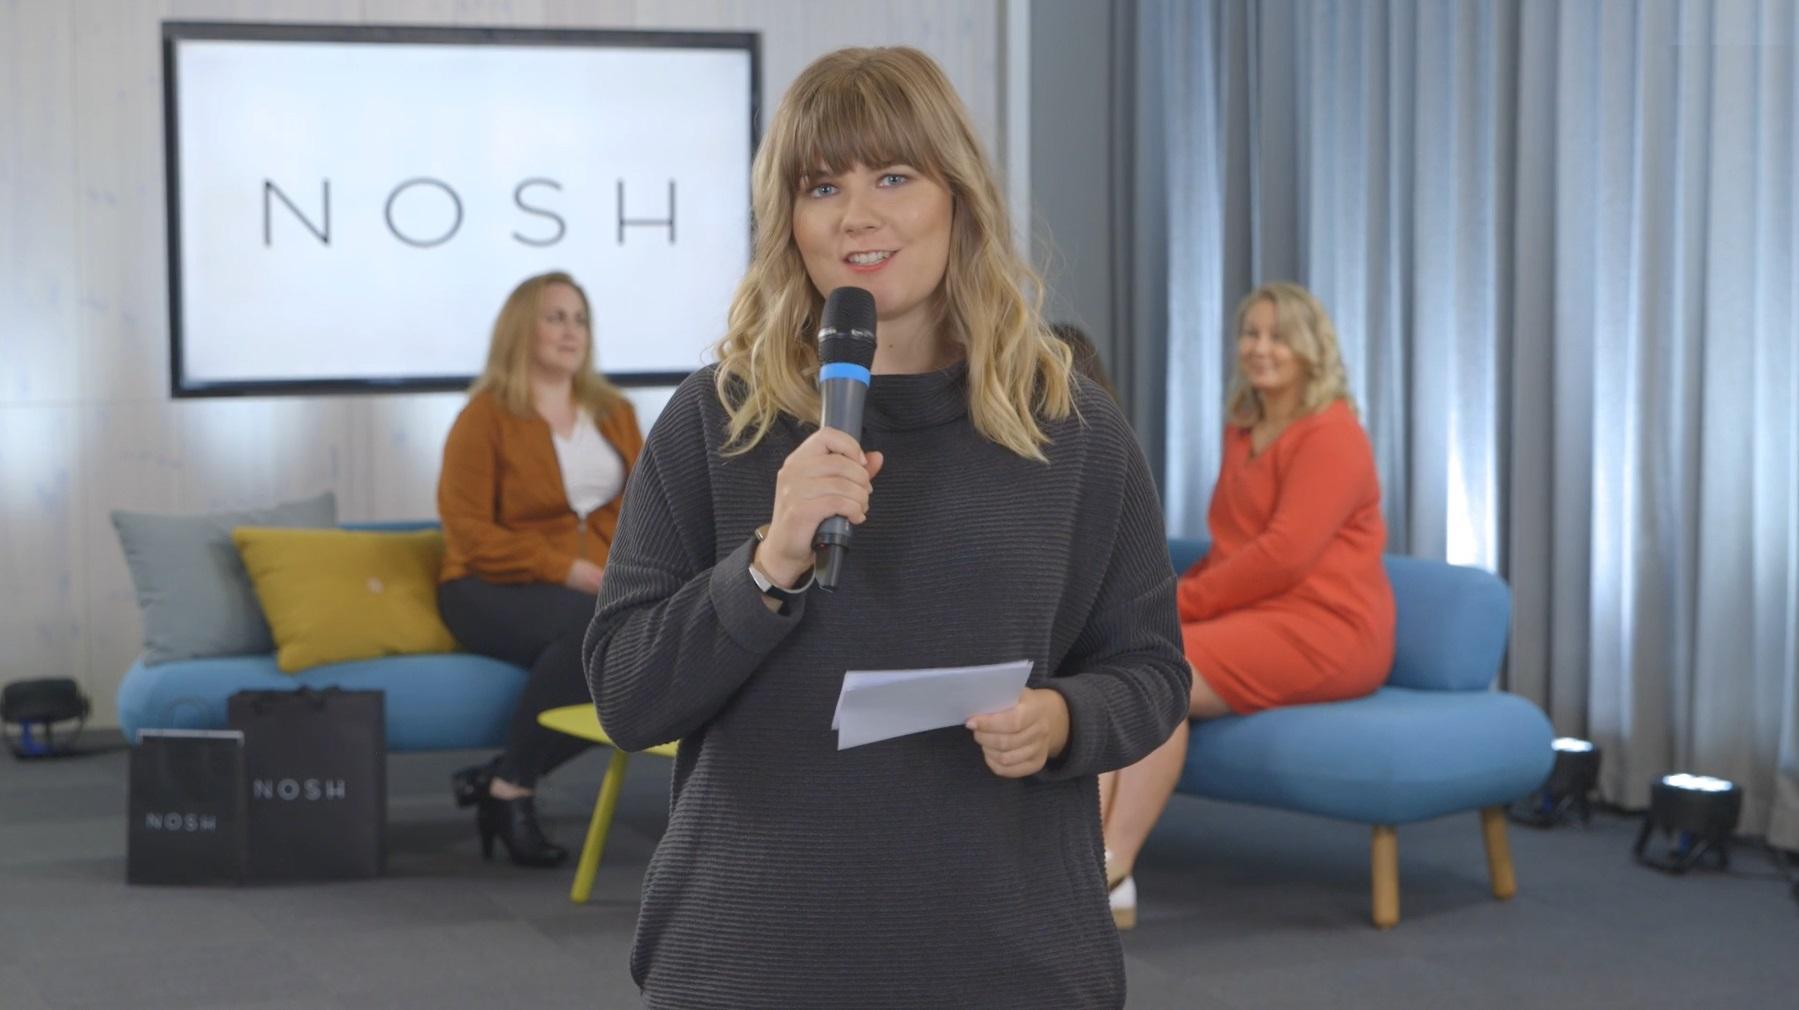 NOSH virtuaalitapahtuma henkilöstölle